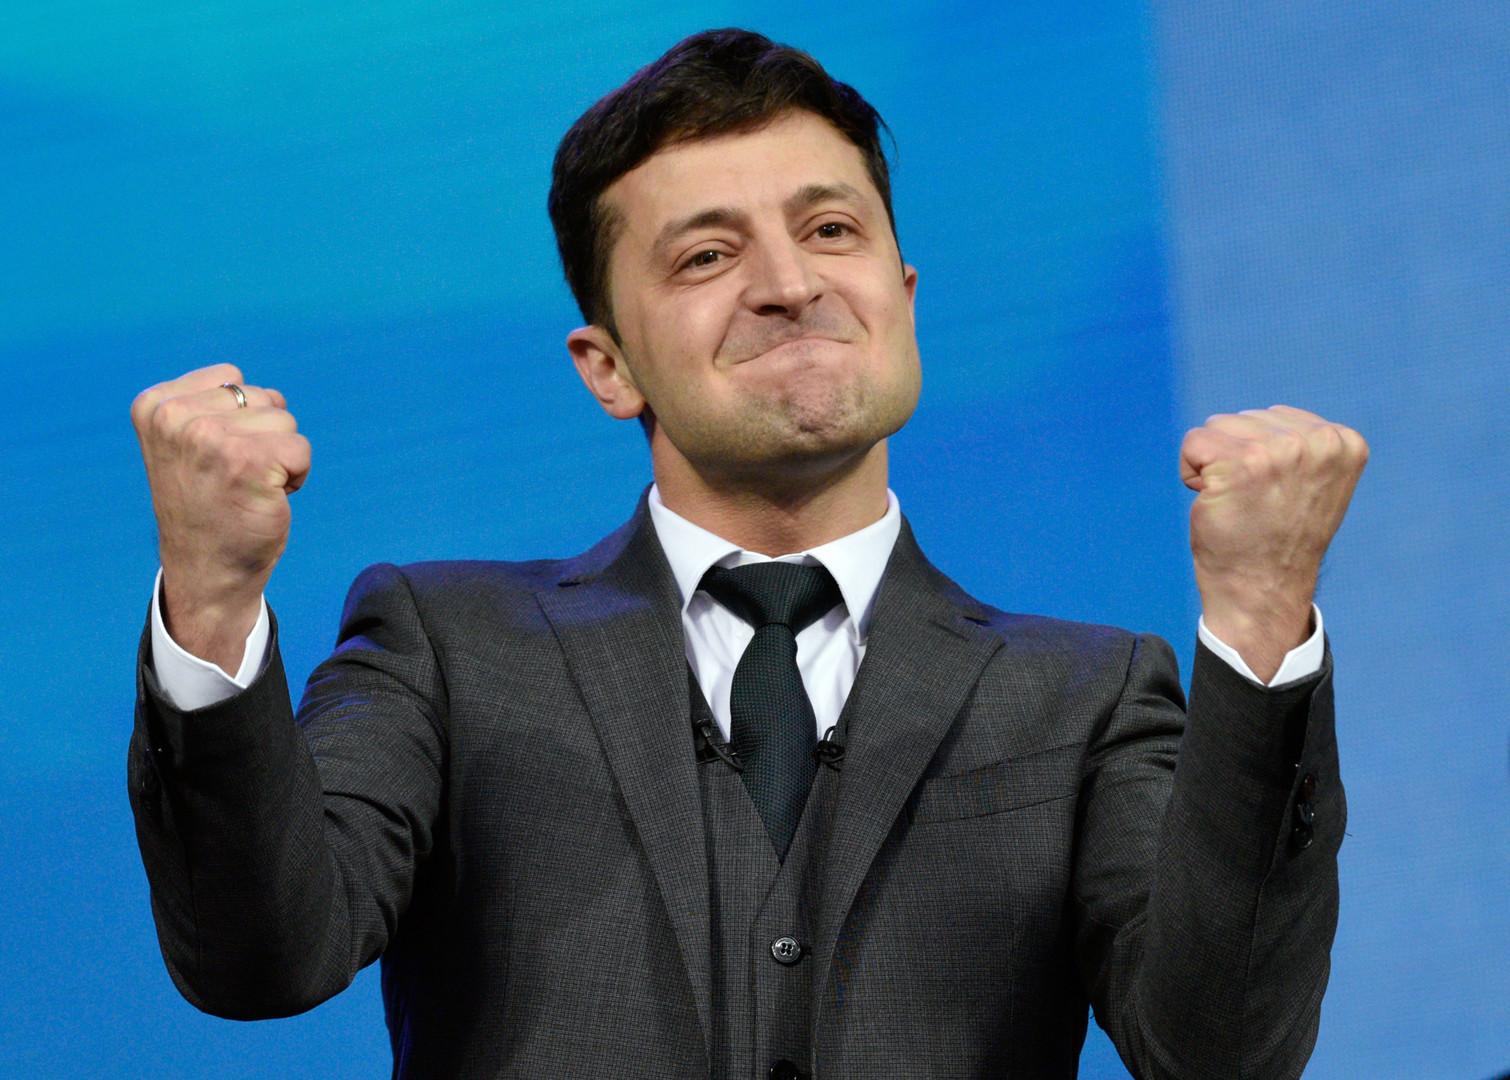 الممثل الكوميدي الأربعيني فلاديمير زيلينسكي